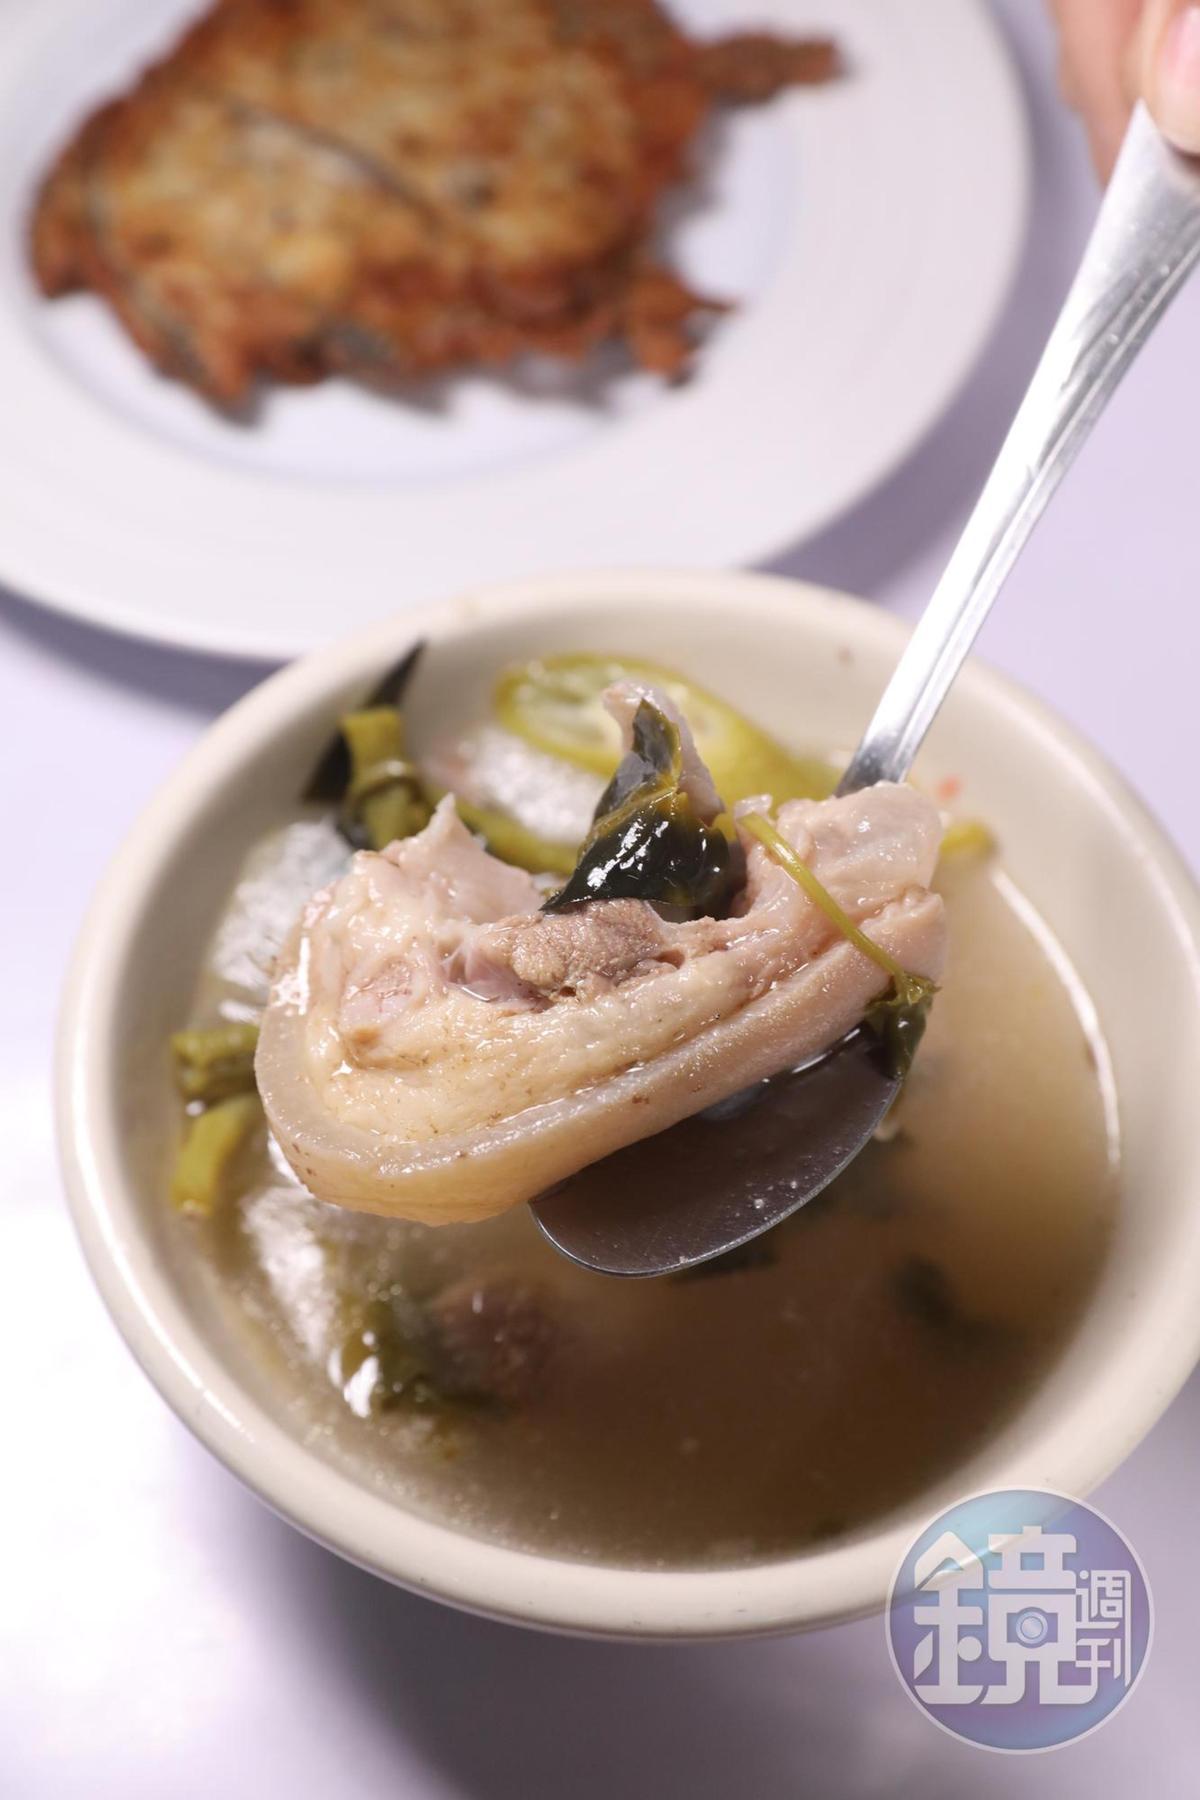 傳統市場裡的豬肉酸湯,嚐起來濃郁清香,酸味特別勾人食慾。(50披索/份,約NT$29)